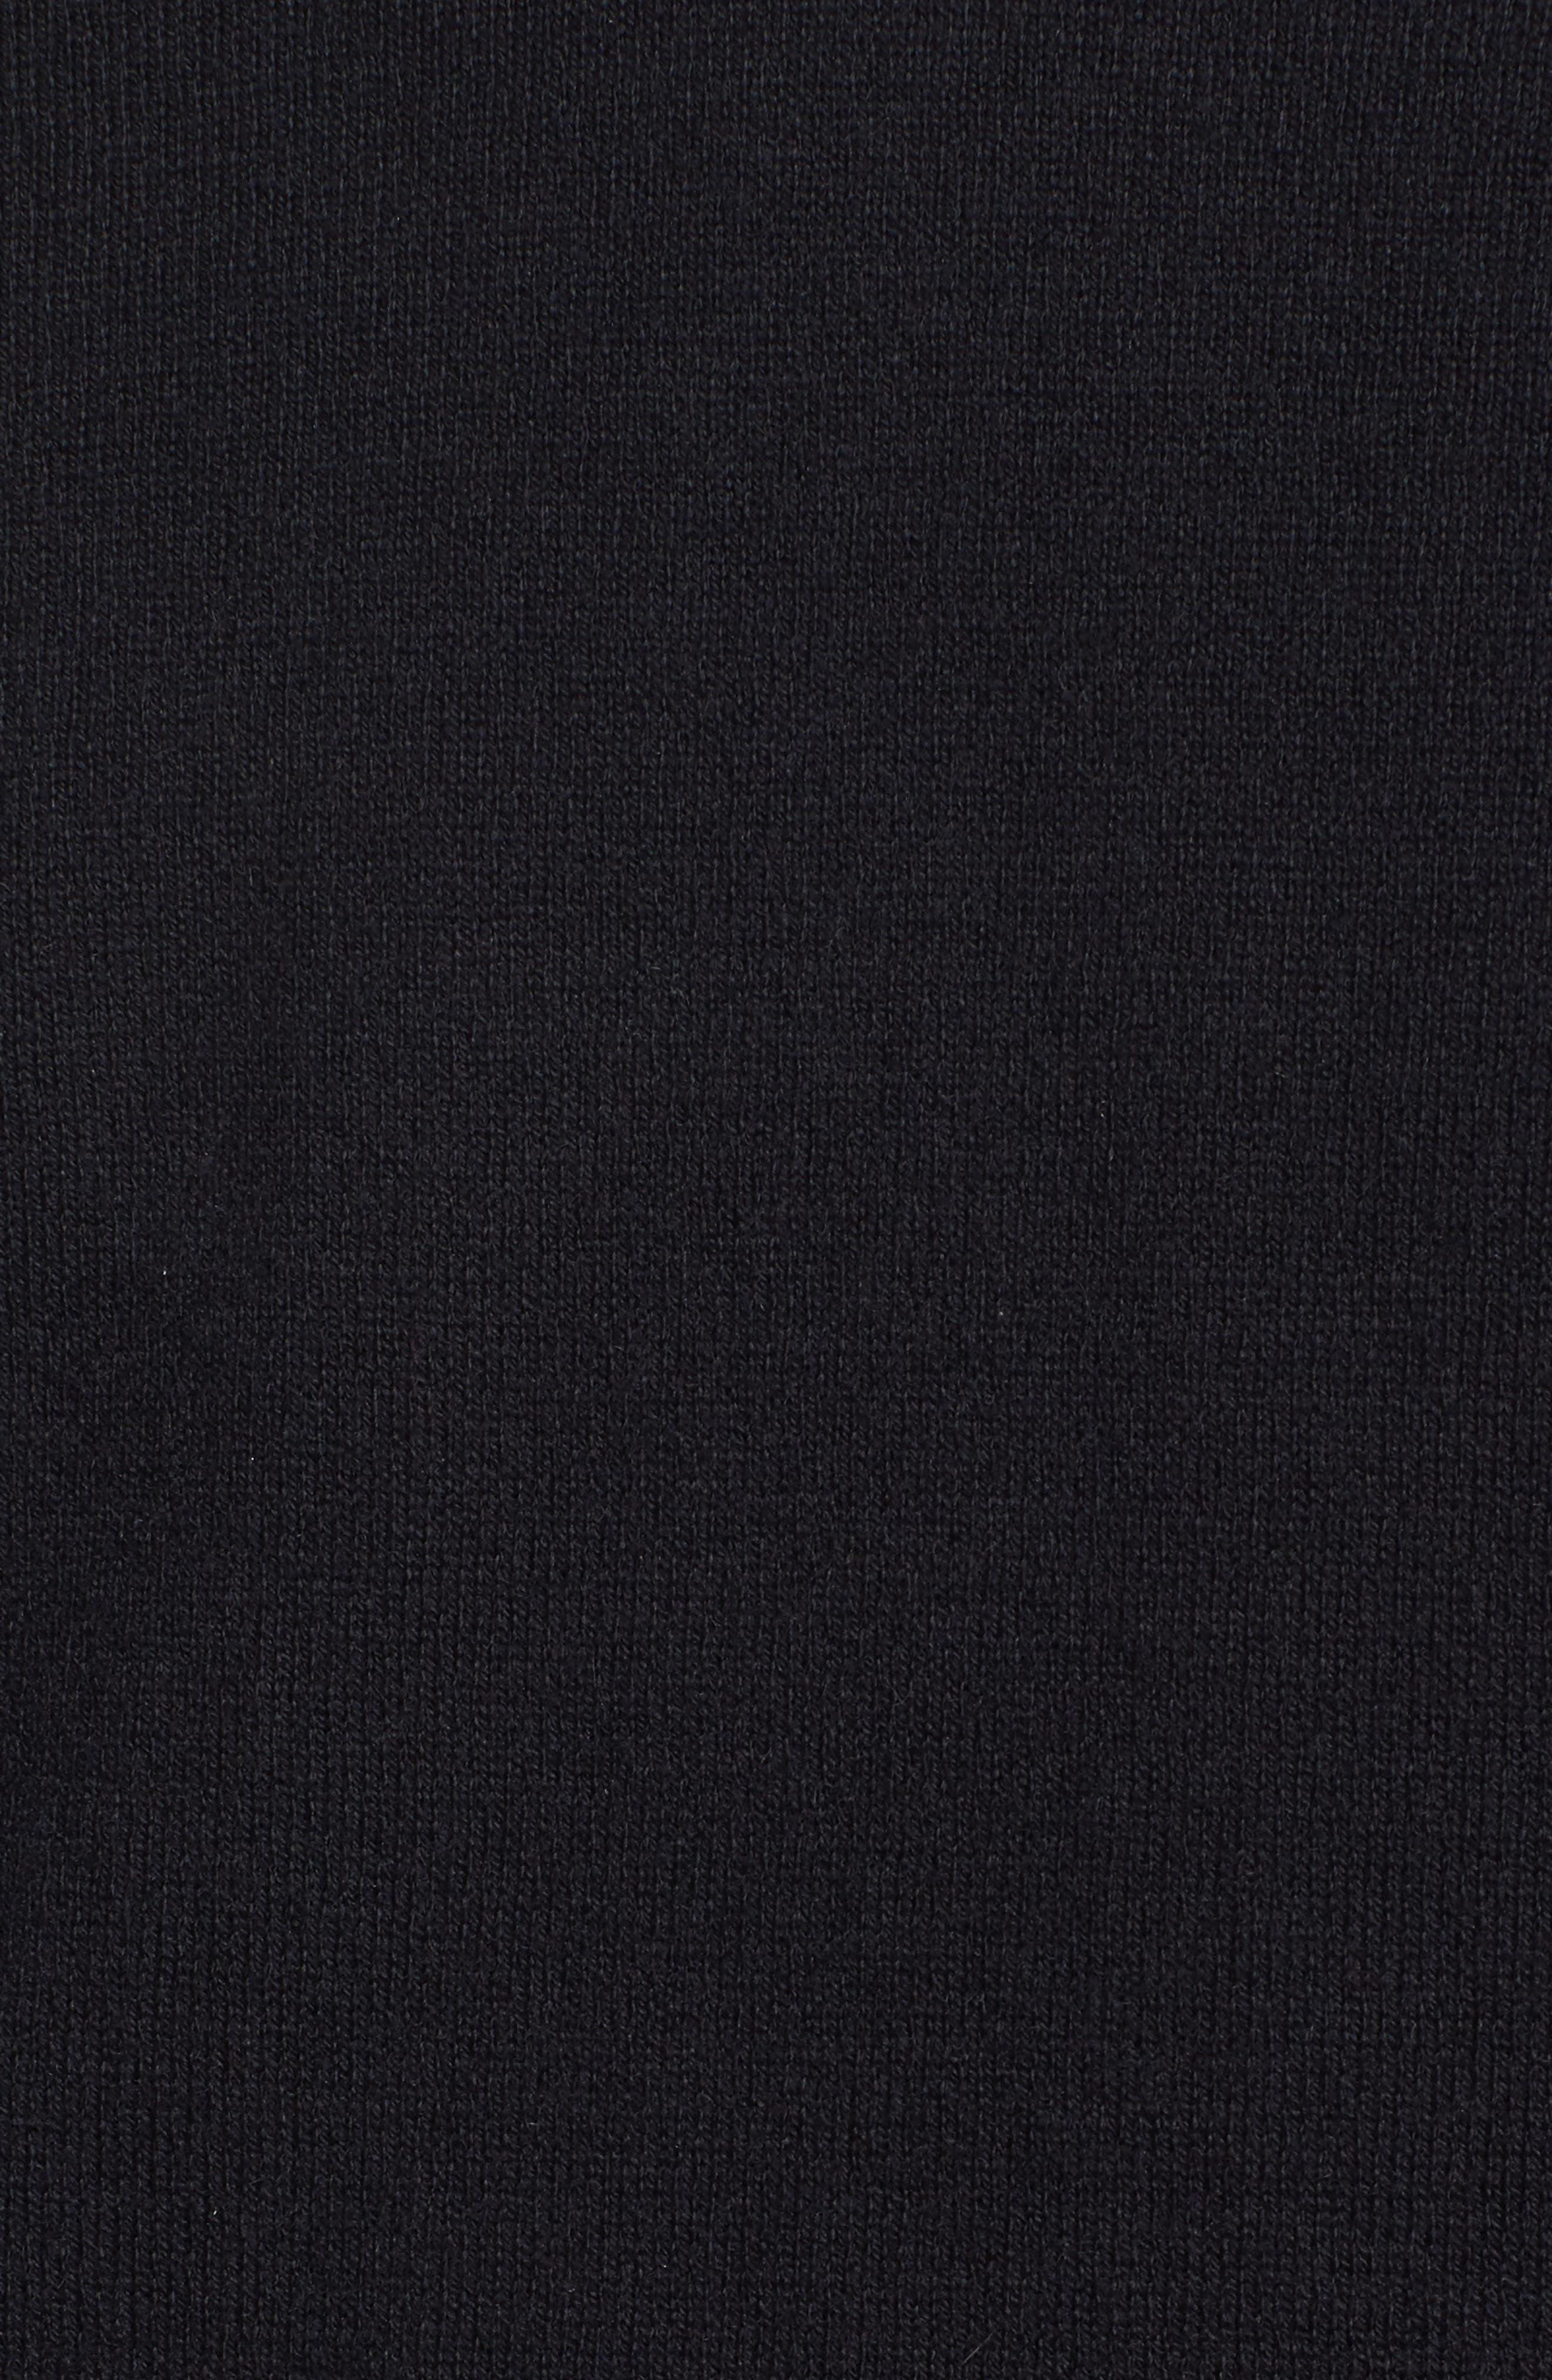 Saddle Shoulder Cotton & Cashmere V-Neck Sweater,                             Alternate thumbnail 33, color,